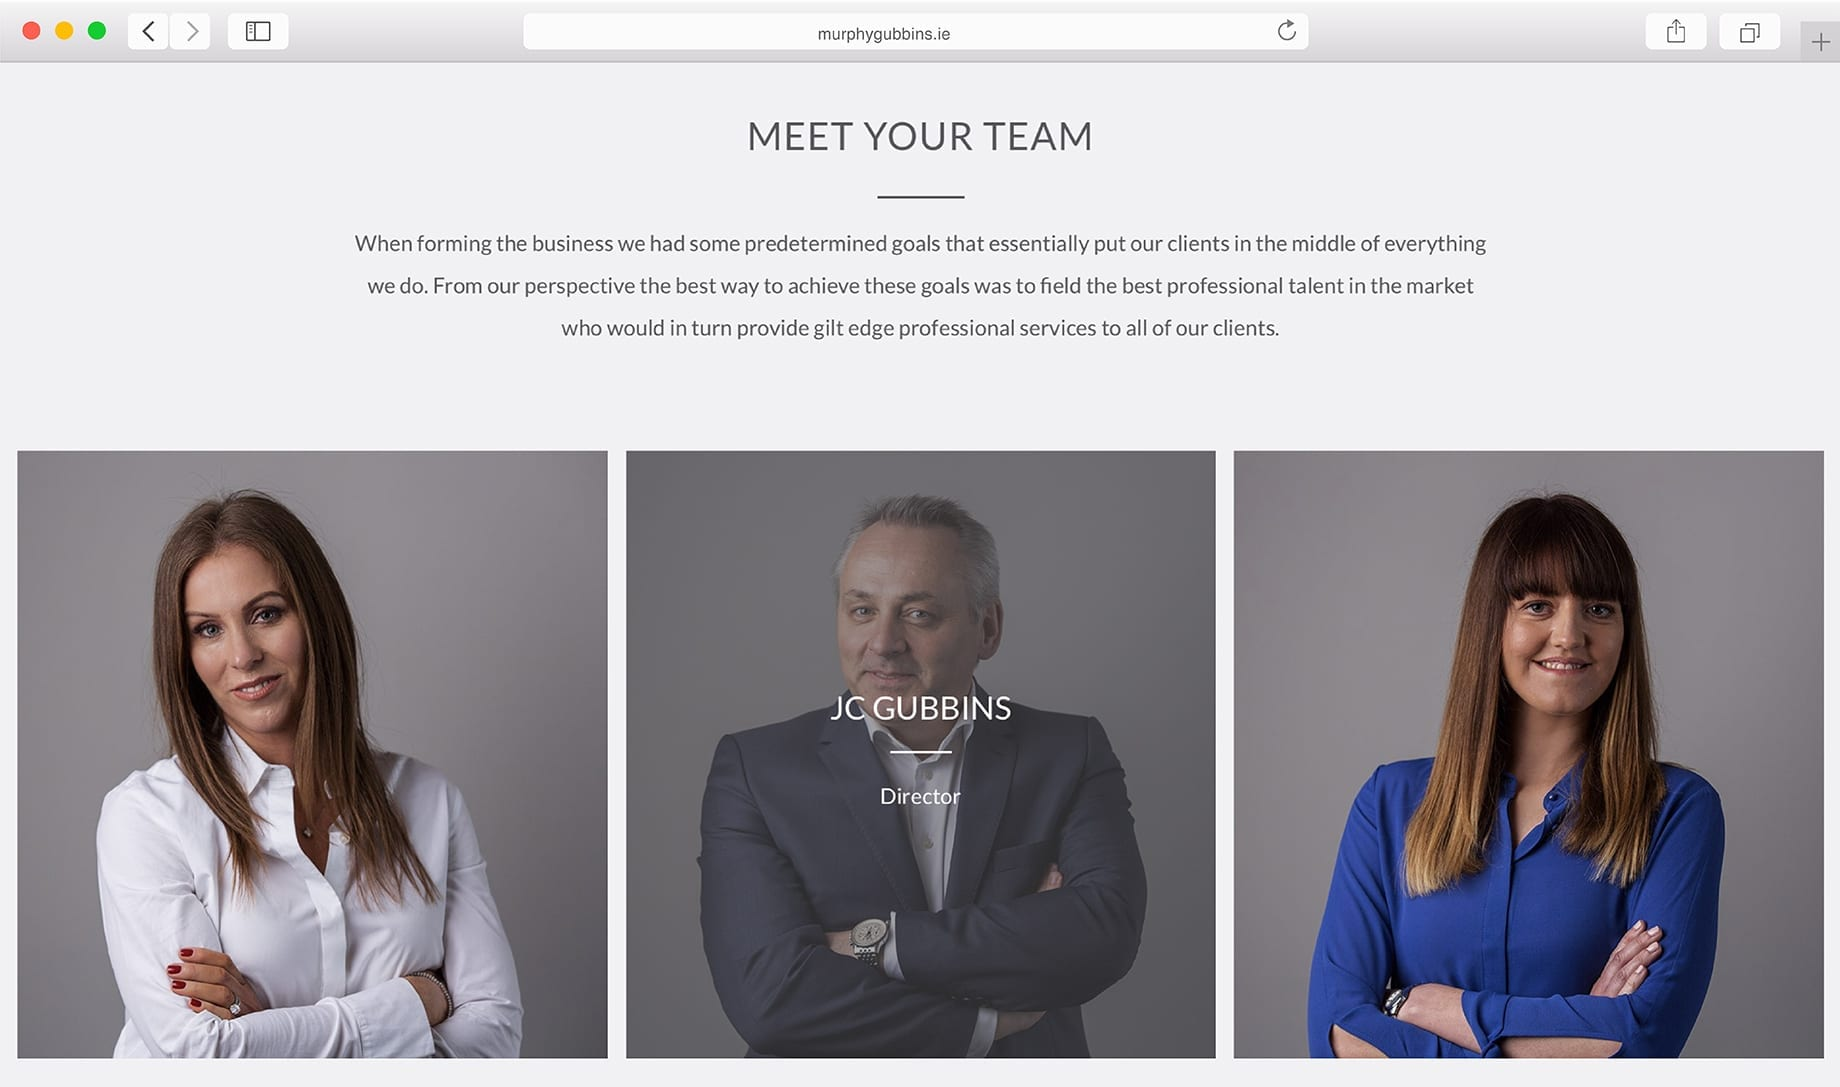 Murphy Gubbins Limerick WebDesign